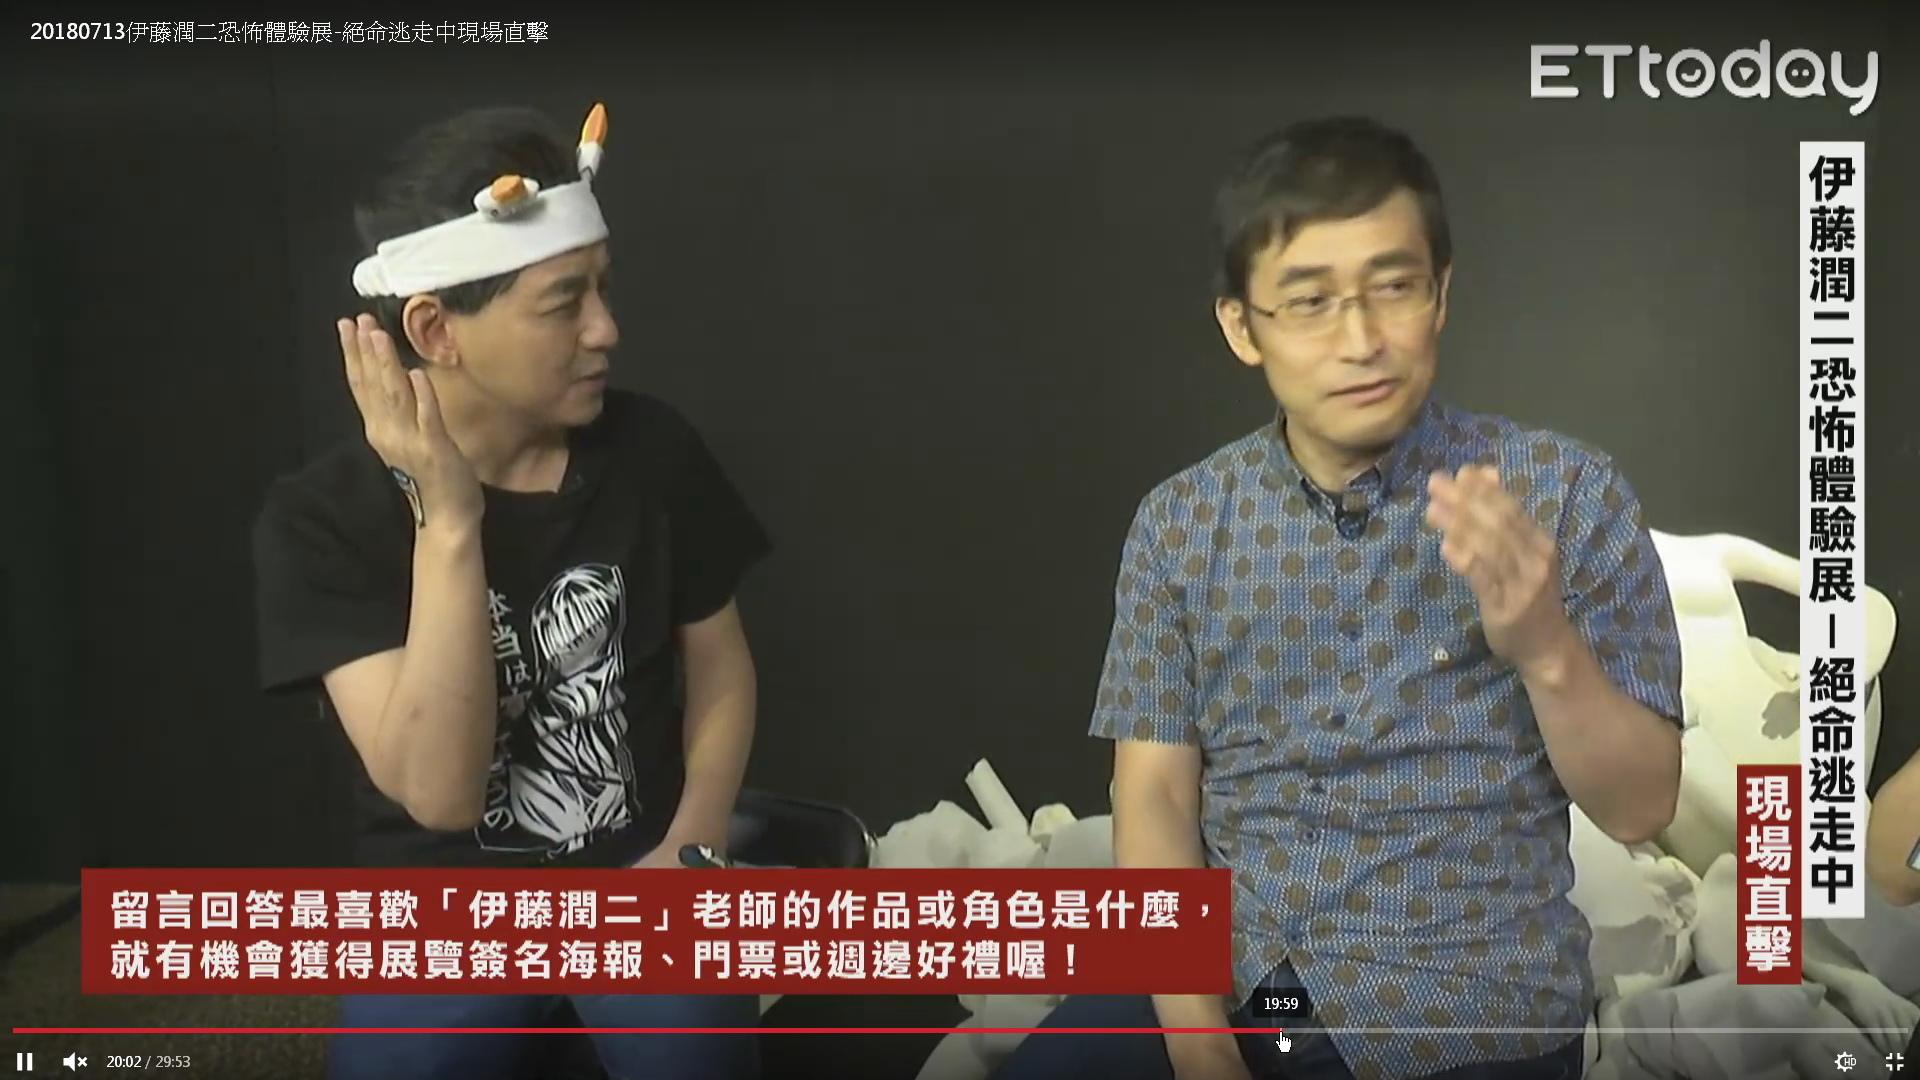 2018伊藤潤二恐怖體驗展 台北新光三越A9:伊藤潤二直播訪談 35.jpg